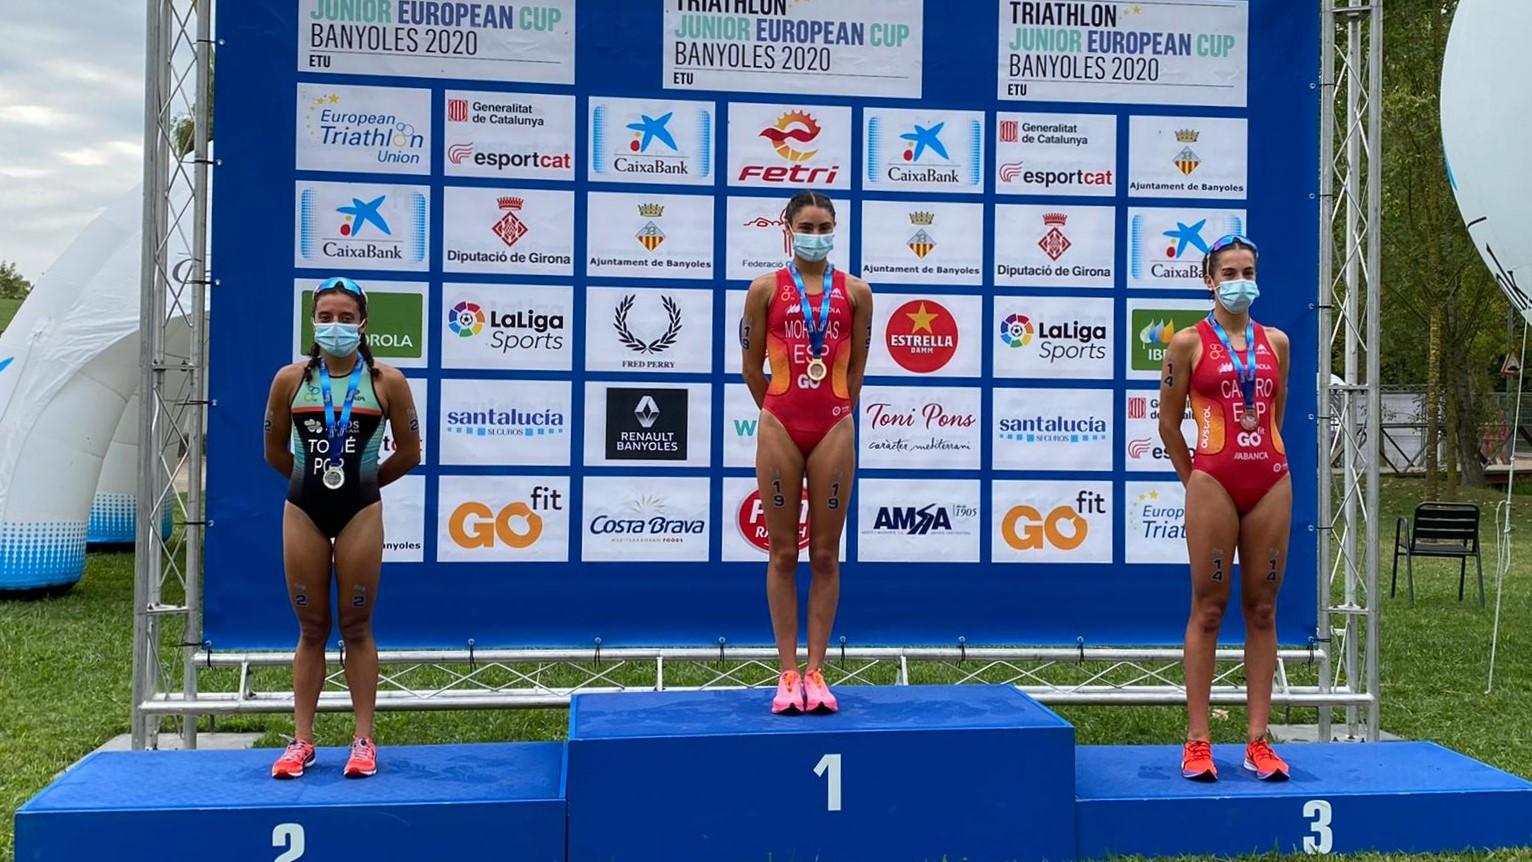 Helena Moragas y Alexandre Montez, vencedores de la Copa de Europa Júnior de Triatlón en Banyoles